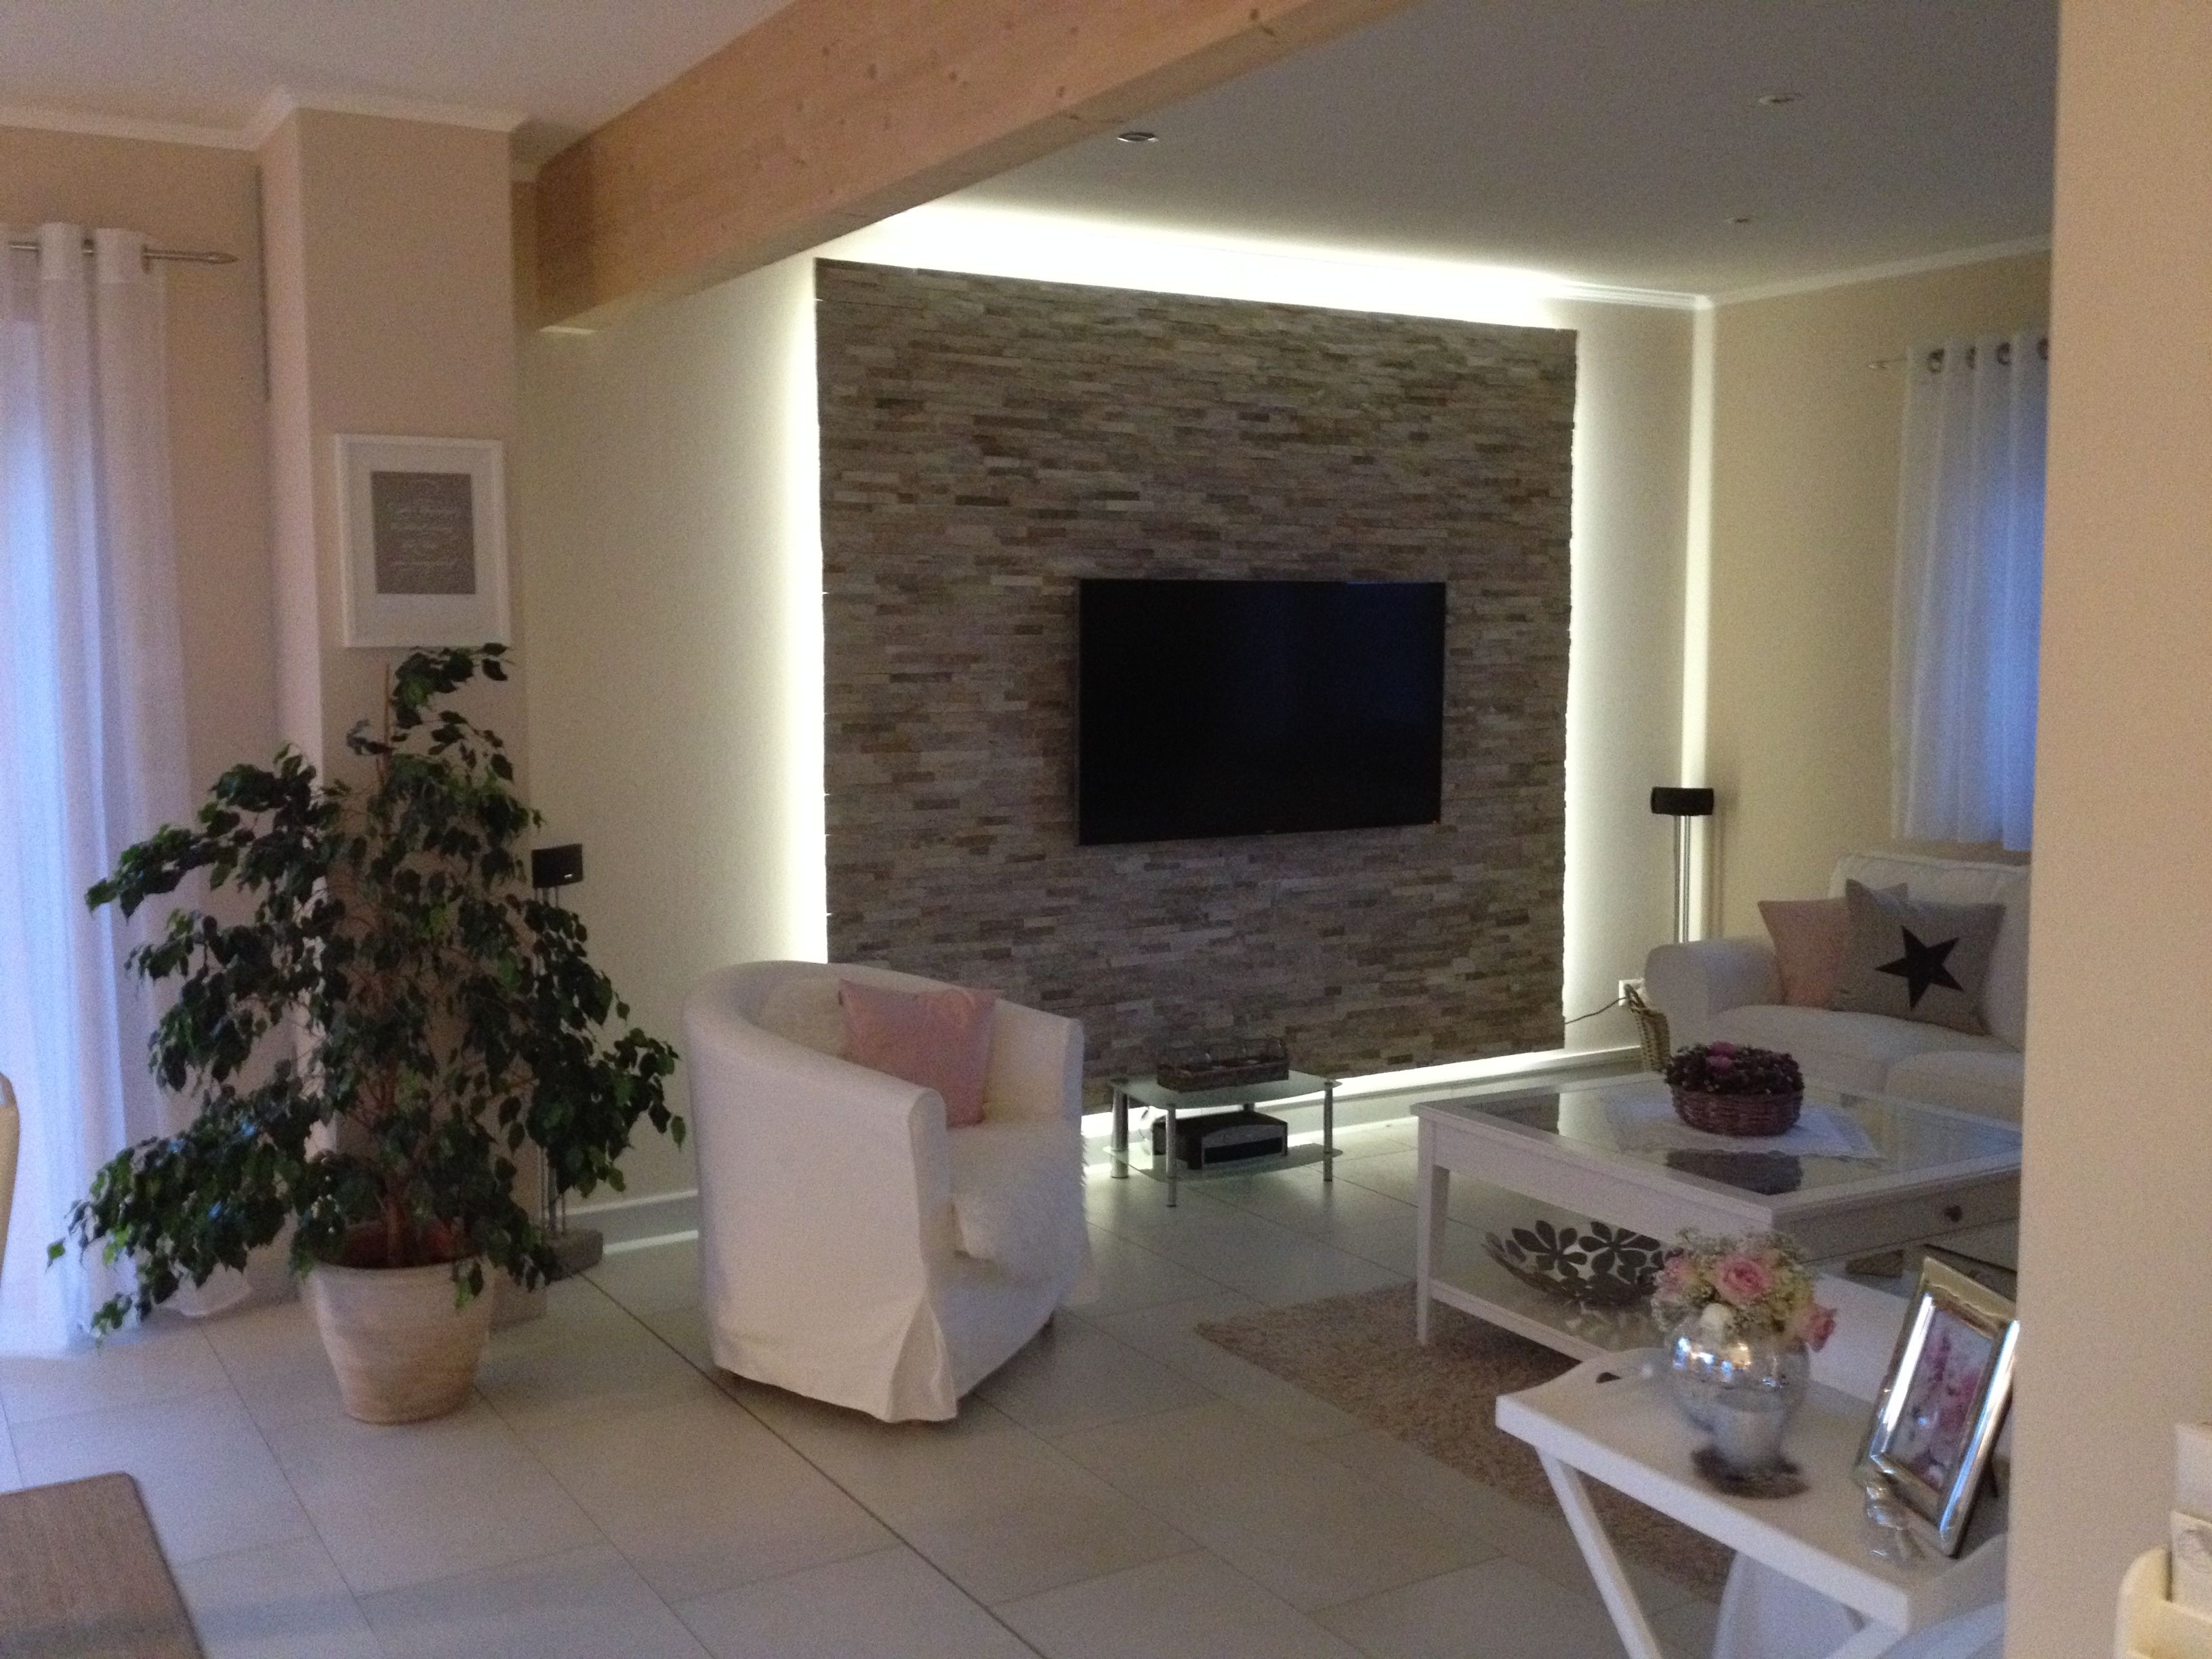 Unsere Fertige Tv Wand Mit Beleuchtung Steinwand Wohnzimmer Wohnzimmer Inspiration Wohnzimmer Ideen Modern